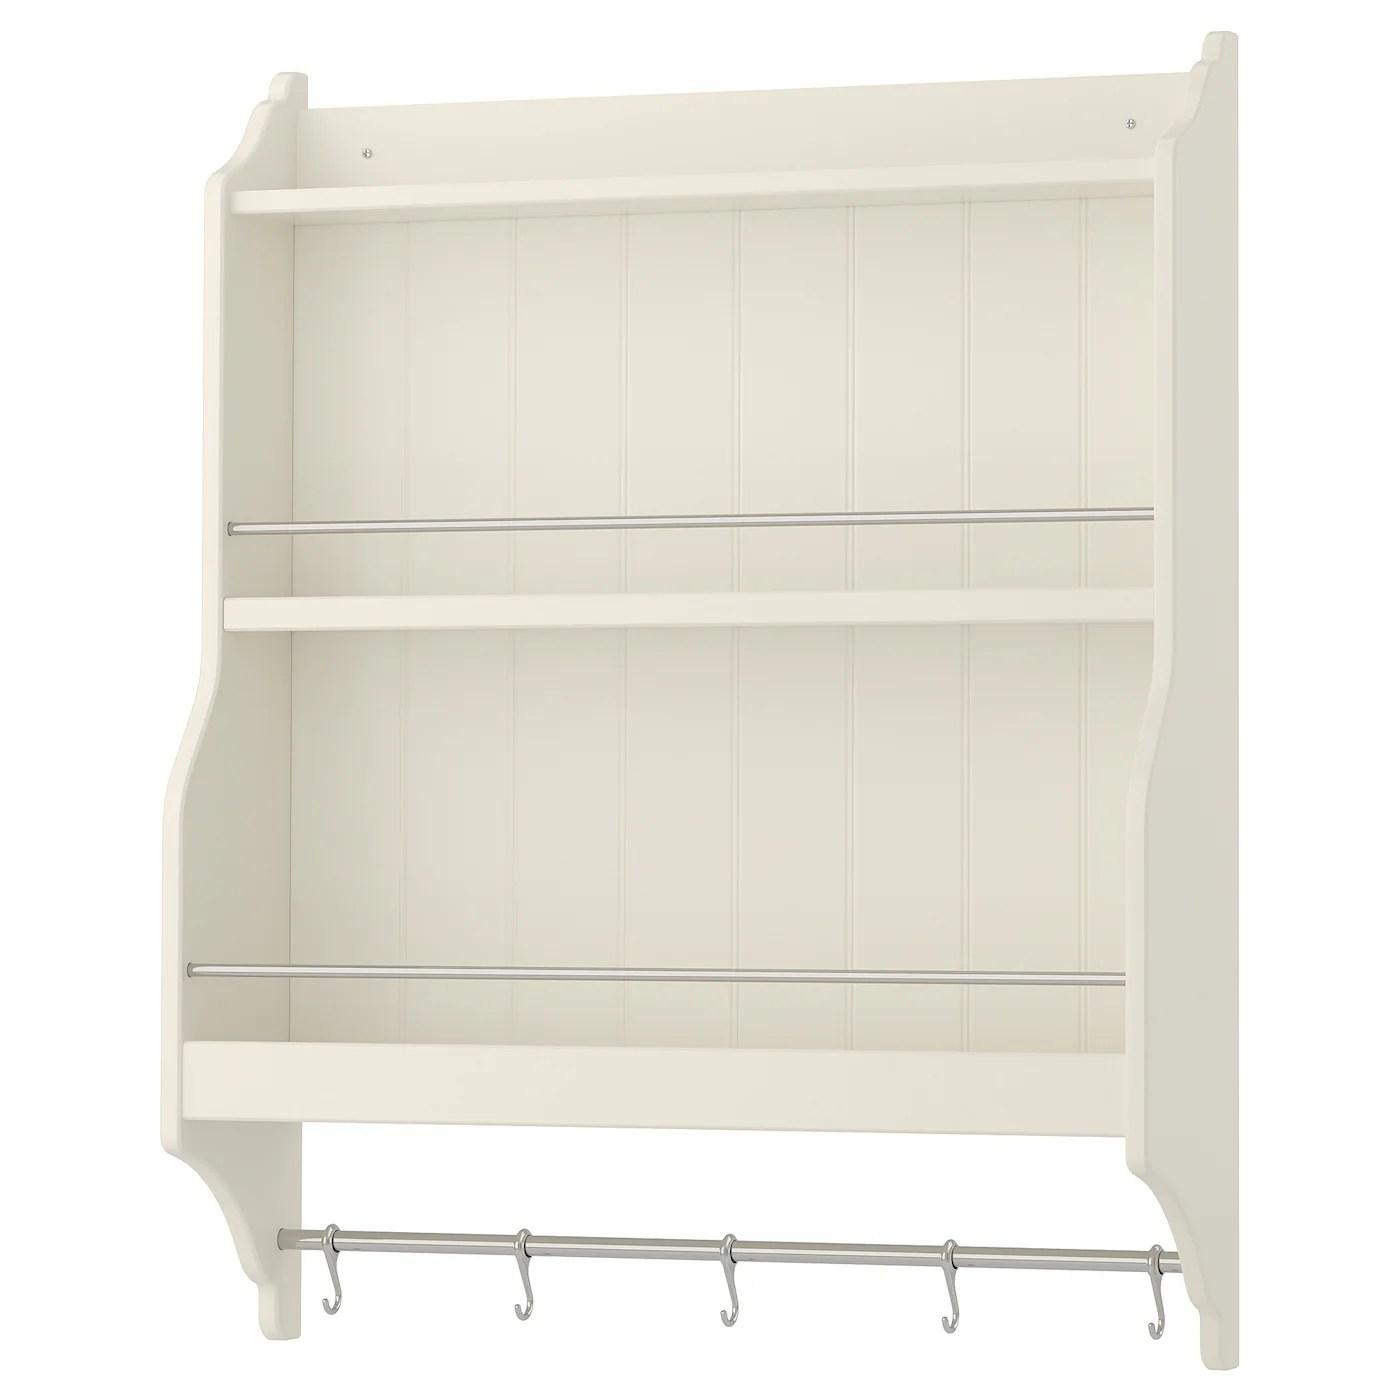 tornviken etagere porte assiettes blanc casse 80x100 cm